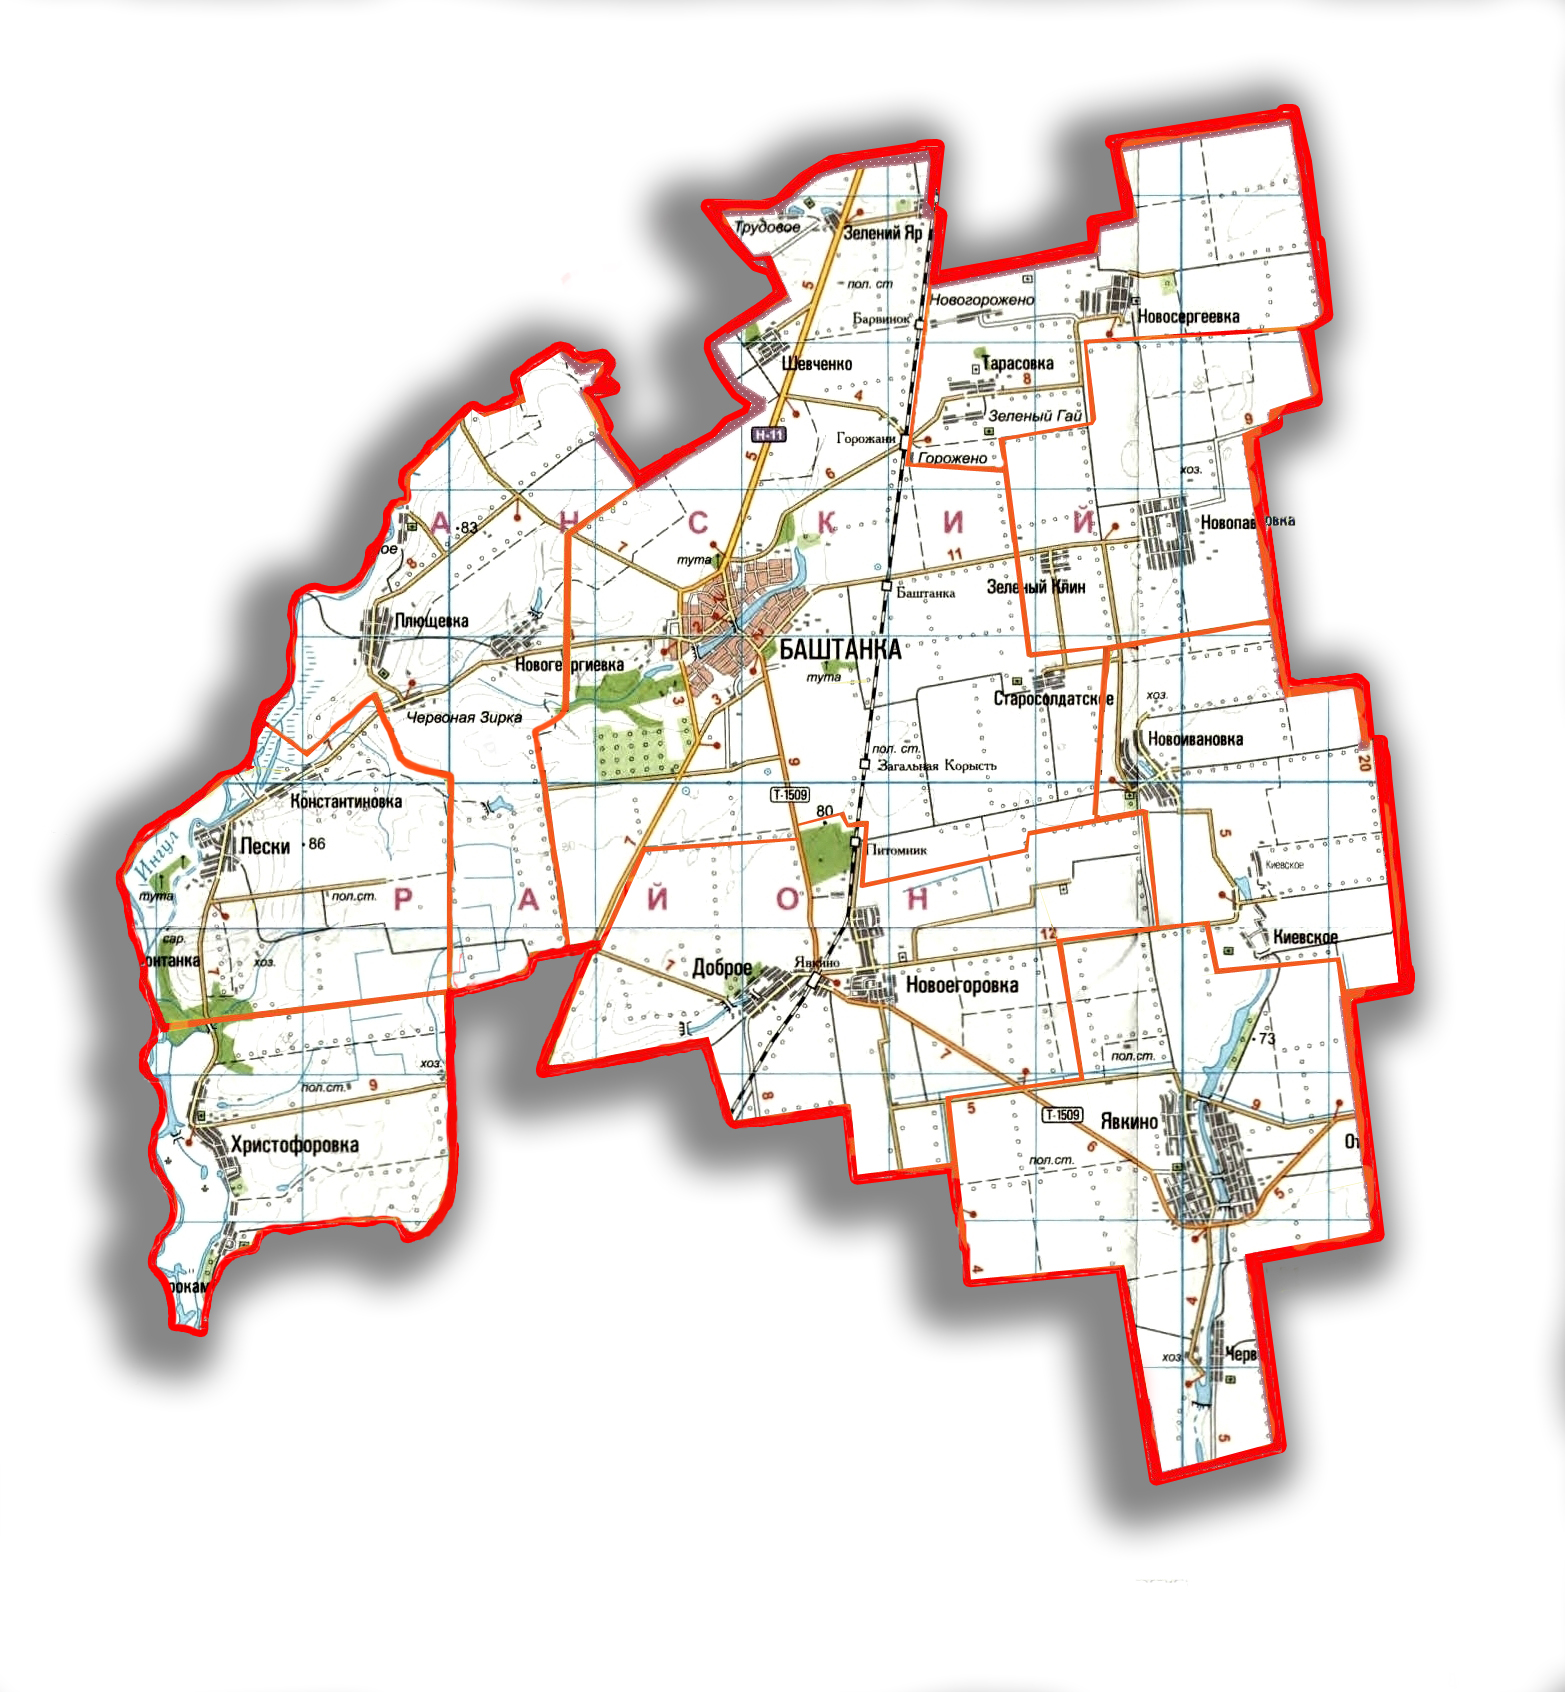 Баштанська міська об'єднана територіальна громада